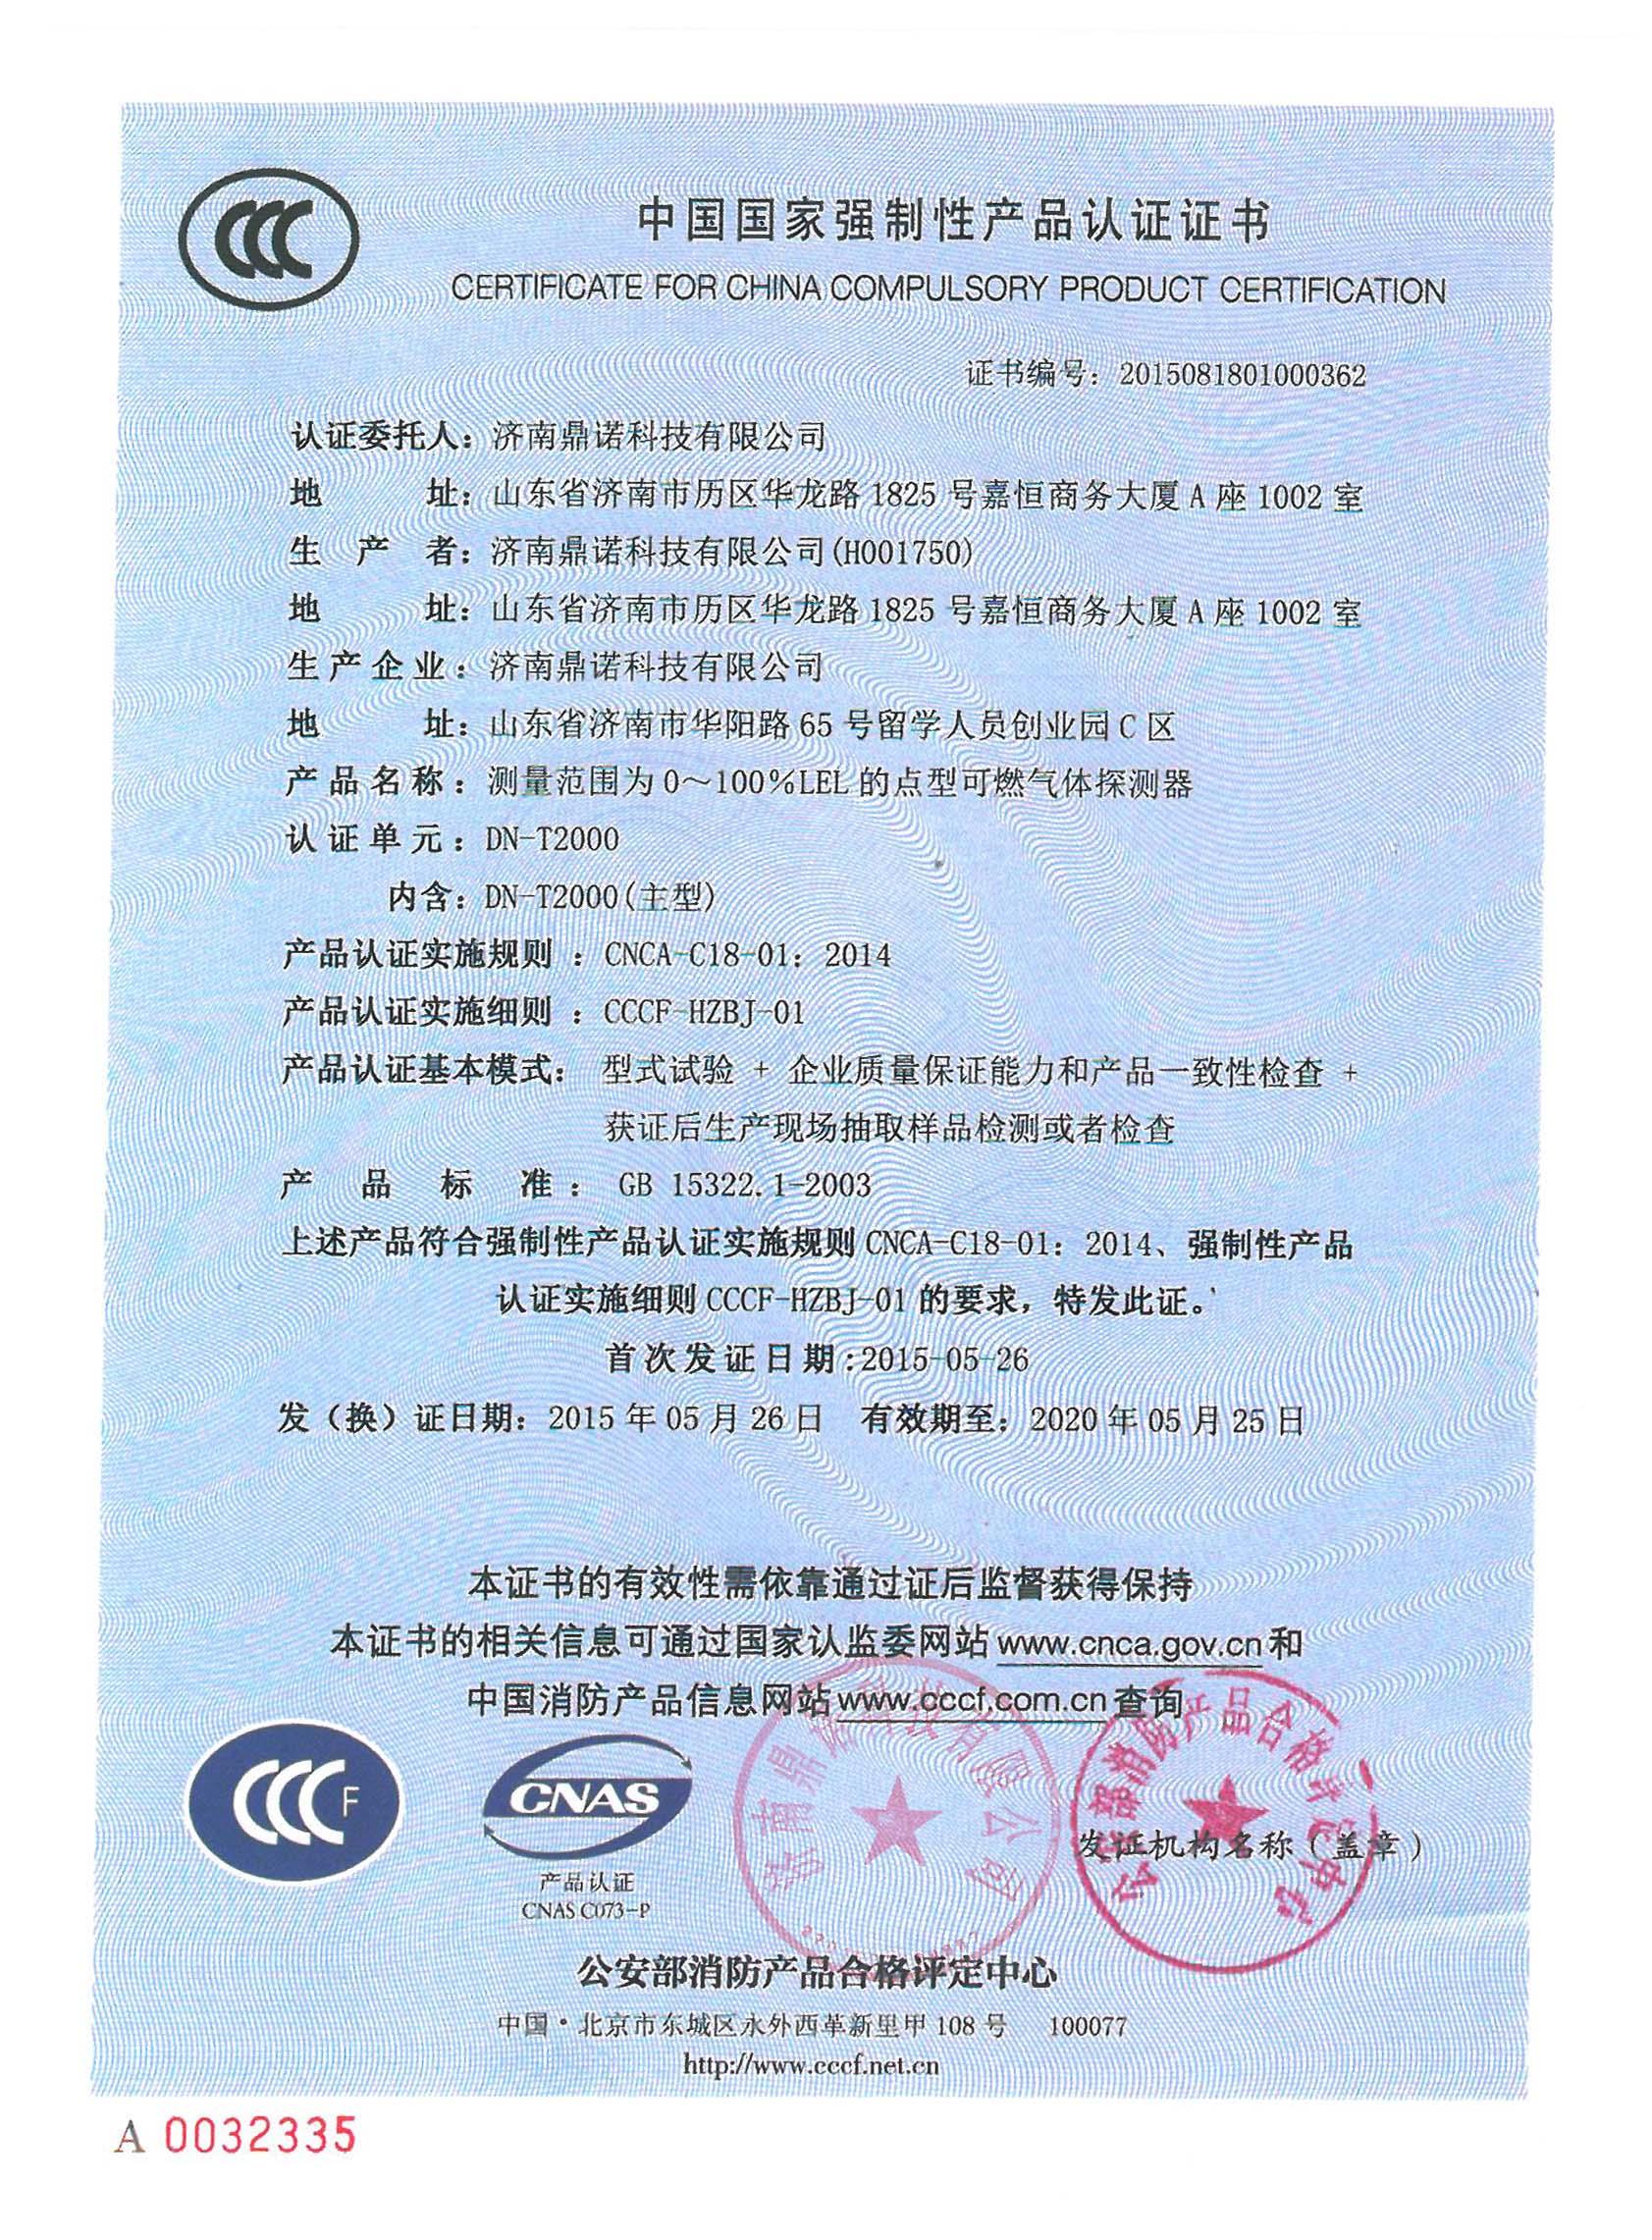 DN-T2000探測器型強制產品認證證書